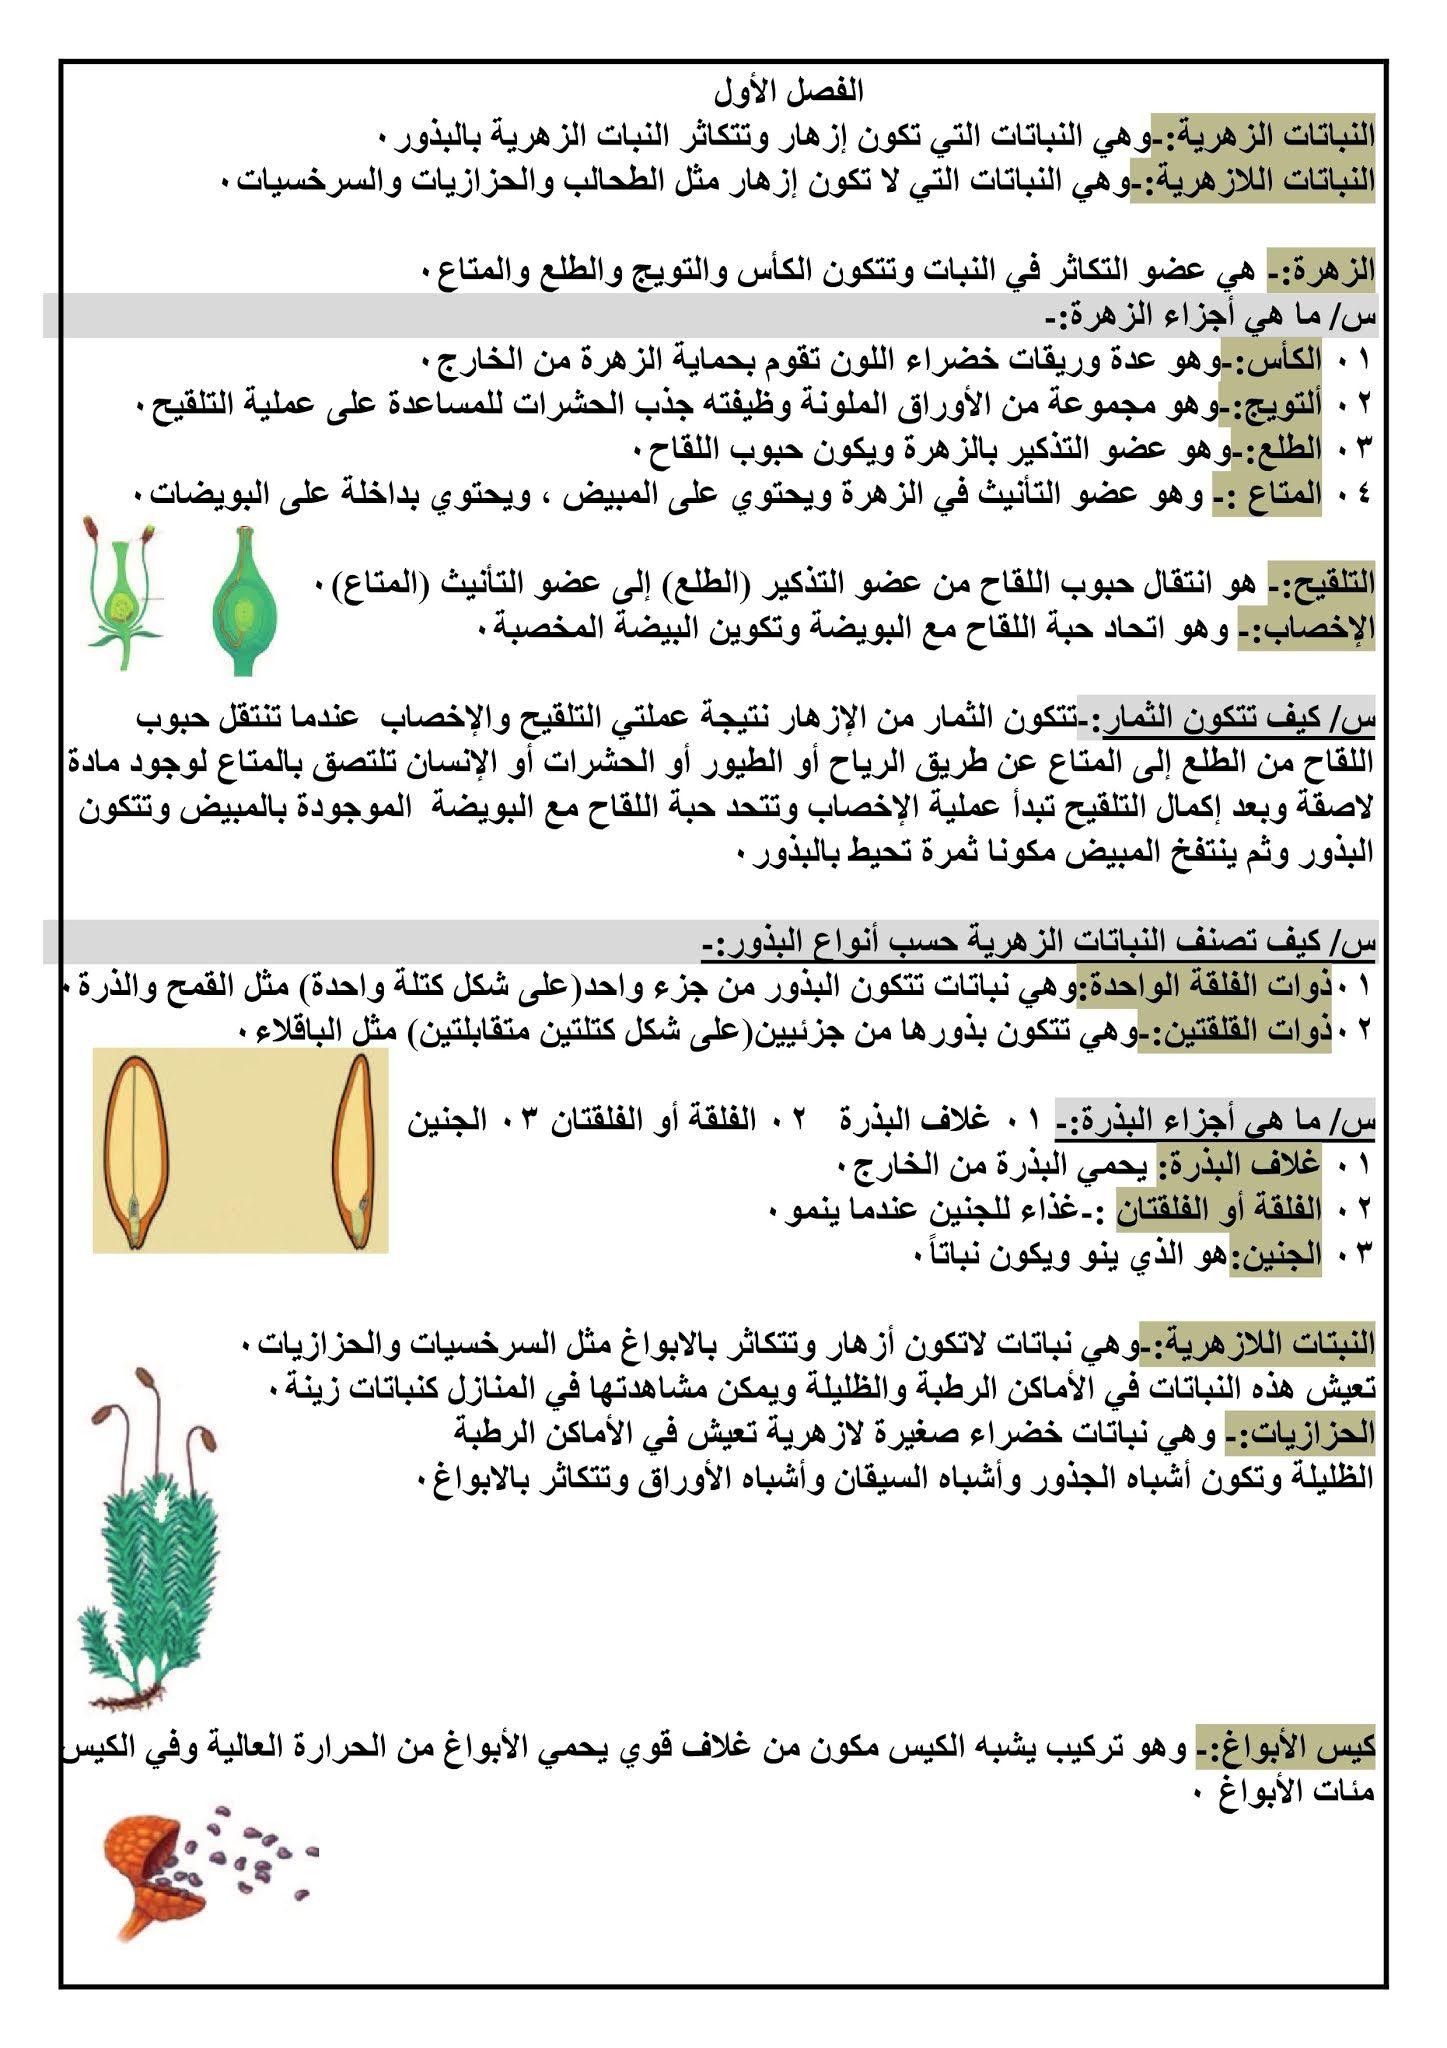 اوراق ملخص الفصل الاول علوم خامس ابتدائي على شكل سؤال وجواب اهلا بكم متابعي موقع وقناة الاستاذ احمد مهدي شلال في هذا الموضوع سنعرض لكم Blog Posts Blog Post